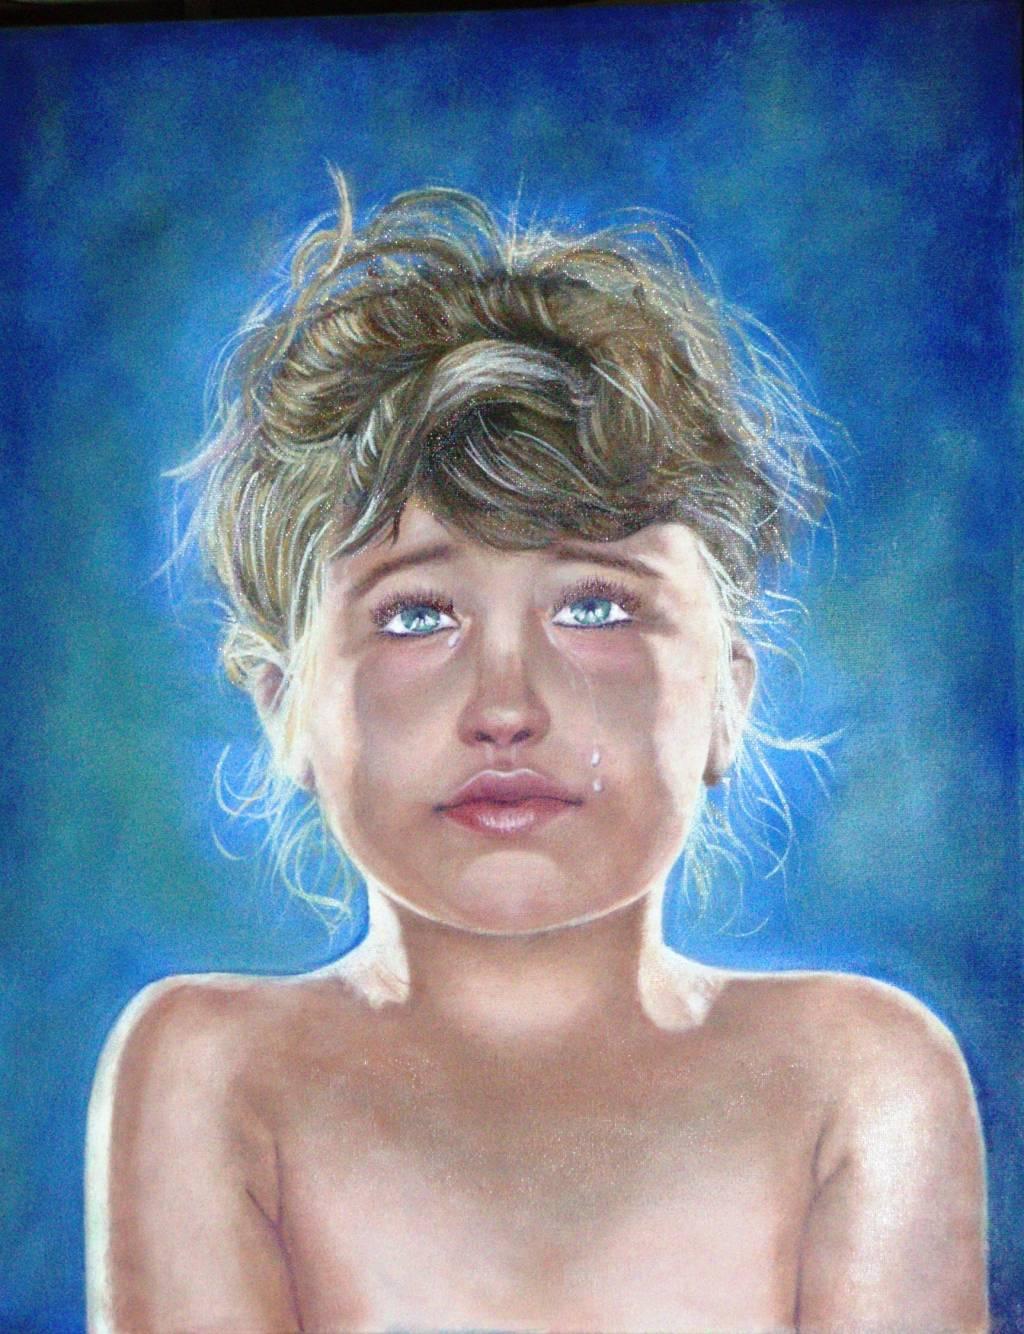 Niña llorando Rebeca Martinez Benito - Artelista.com - en